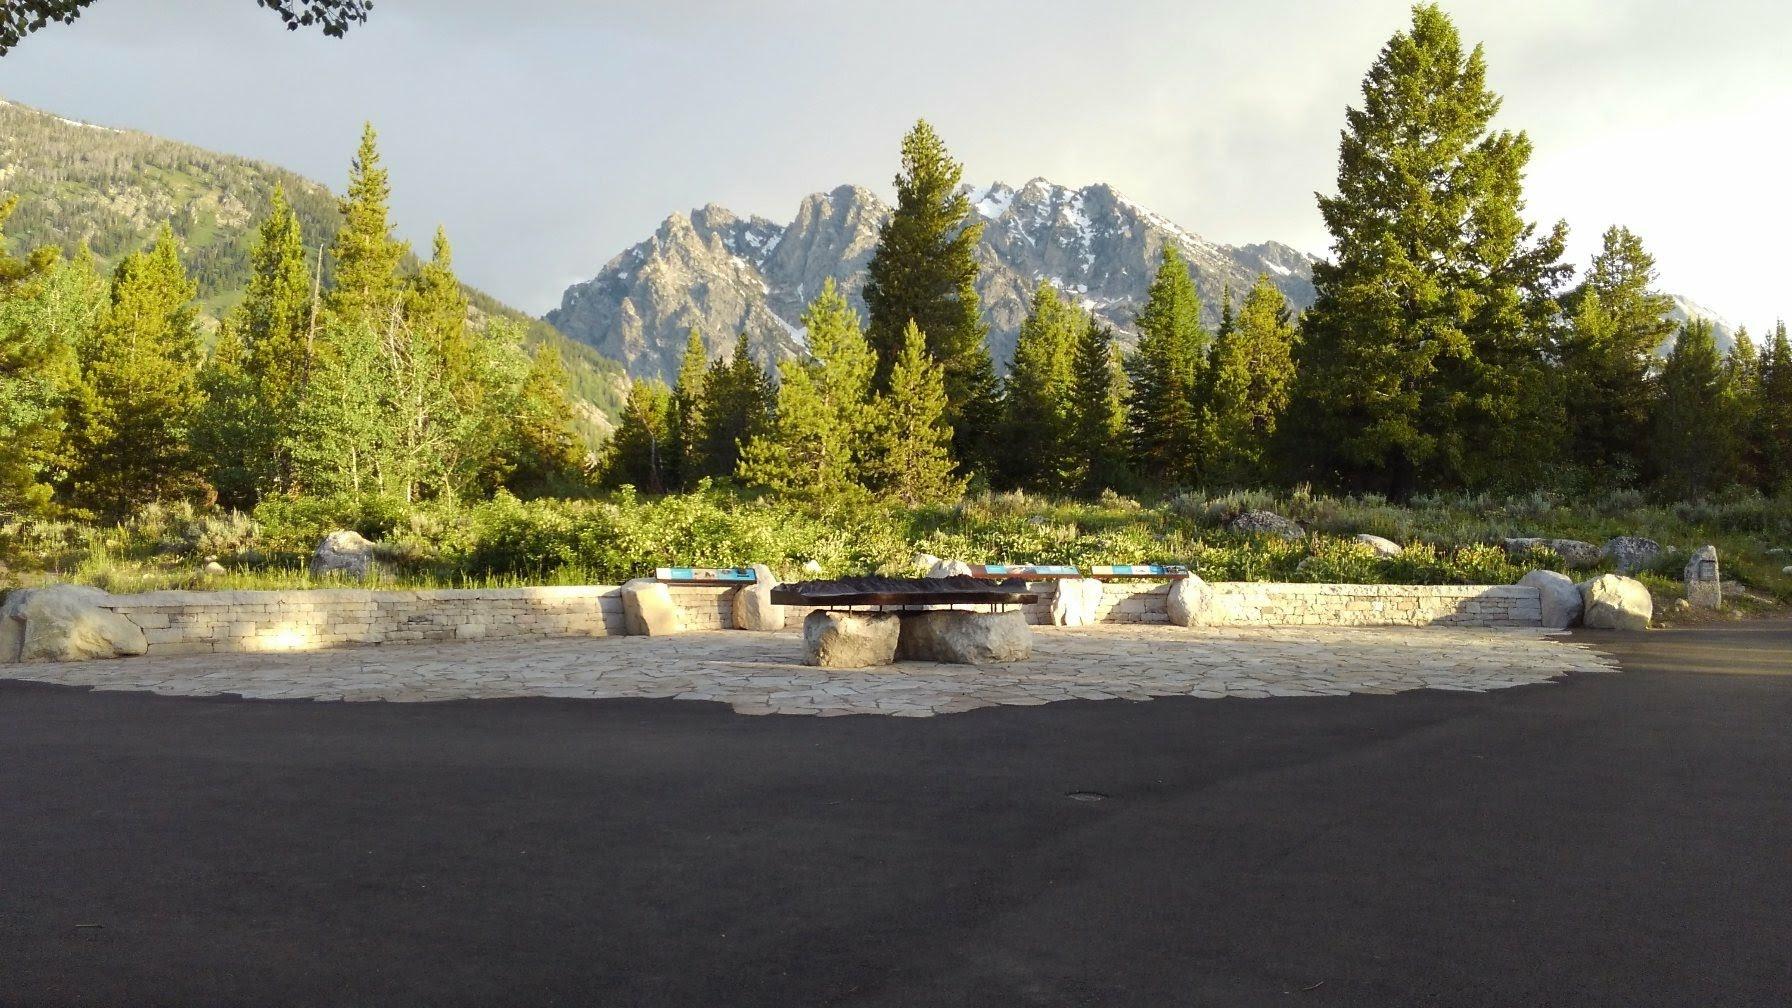 Grand Teton National Park - Jenny Lake Renewal Project - Ribbon Cutting - July 2019